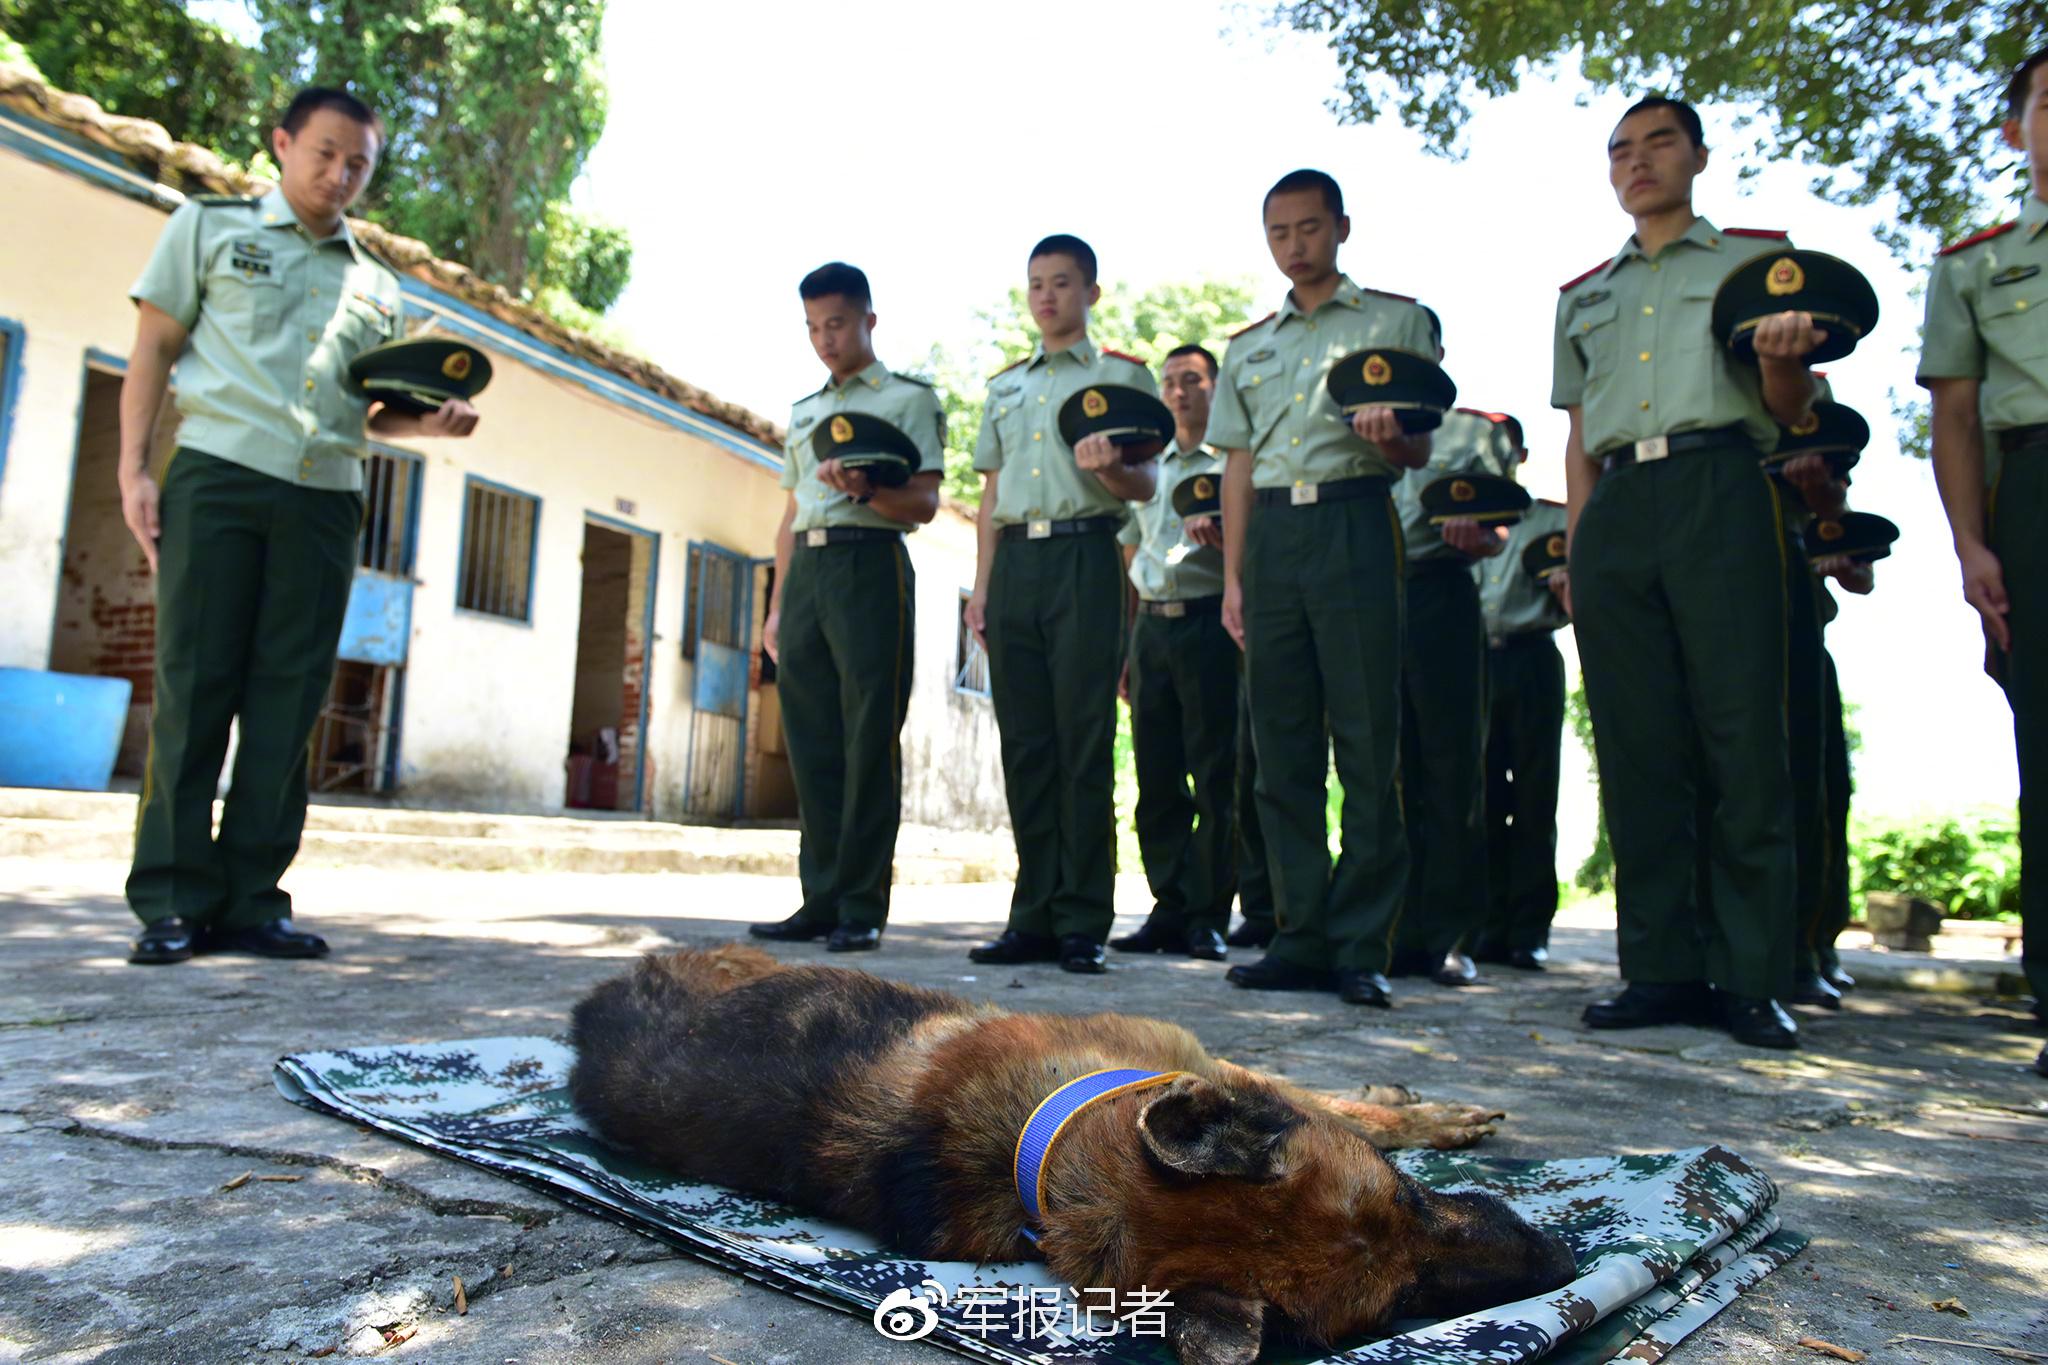 功勋犬去世 中国军人致其以军人最崇高的礼节